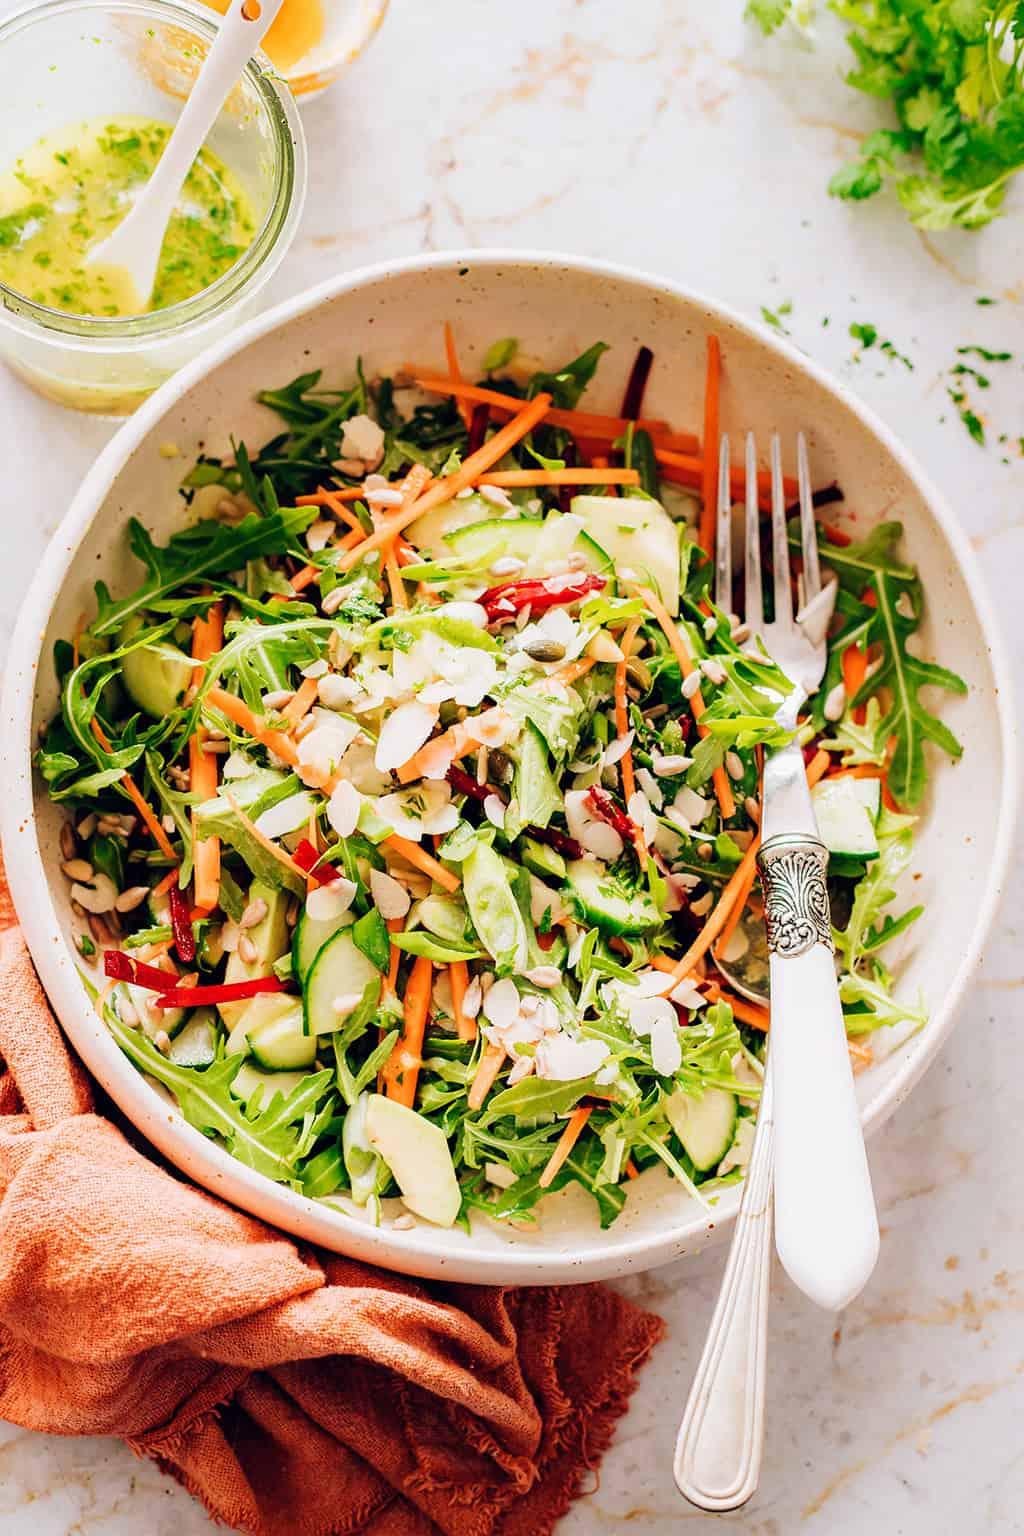 Glowing Skin Salad dan Detox Dressing